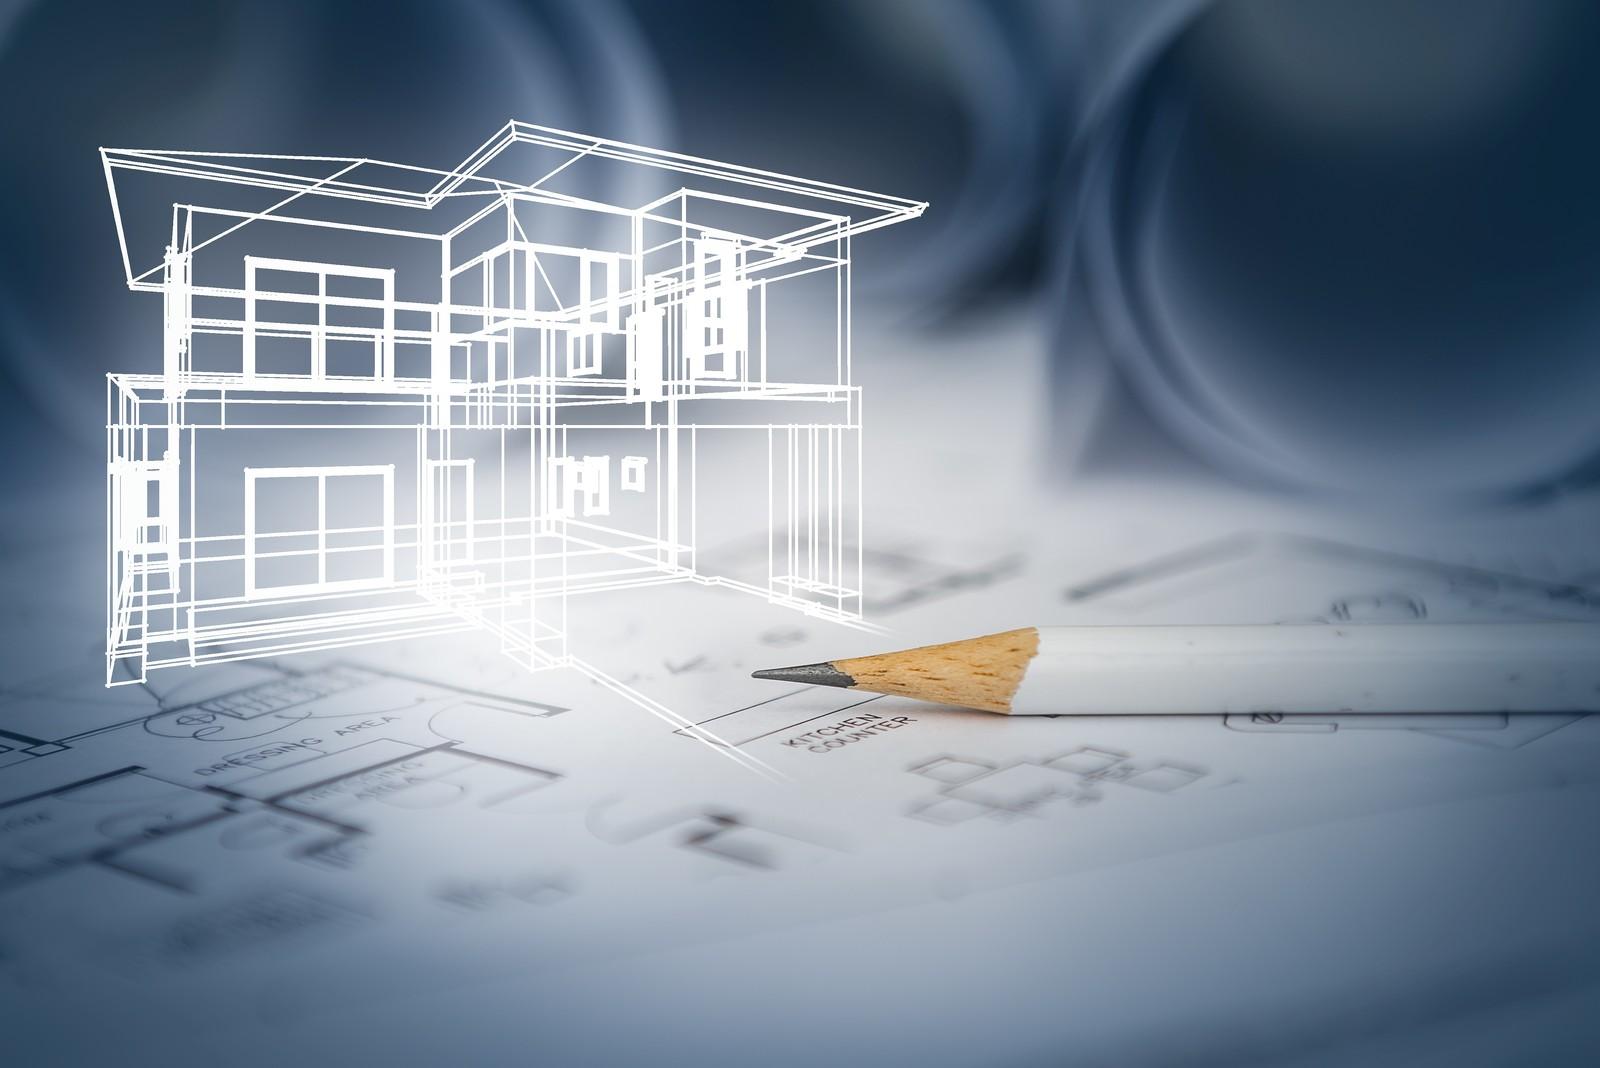 Eine Studie des Marktforschungsinstituts Bauinfoconsult zeigt, wie es aktuell um BIM am Bau bestellt ist.